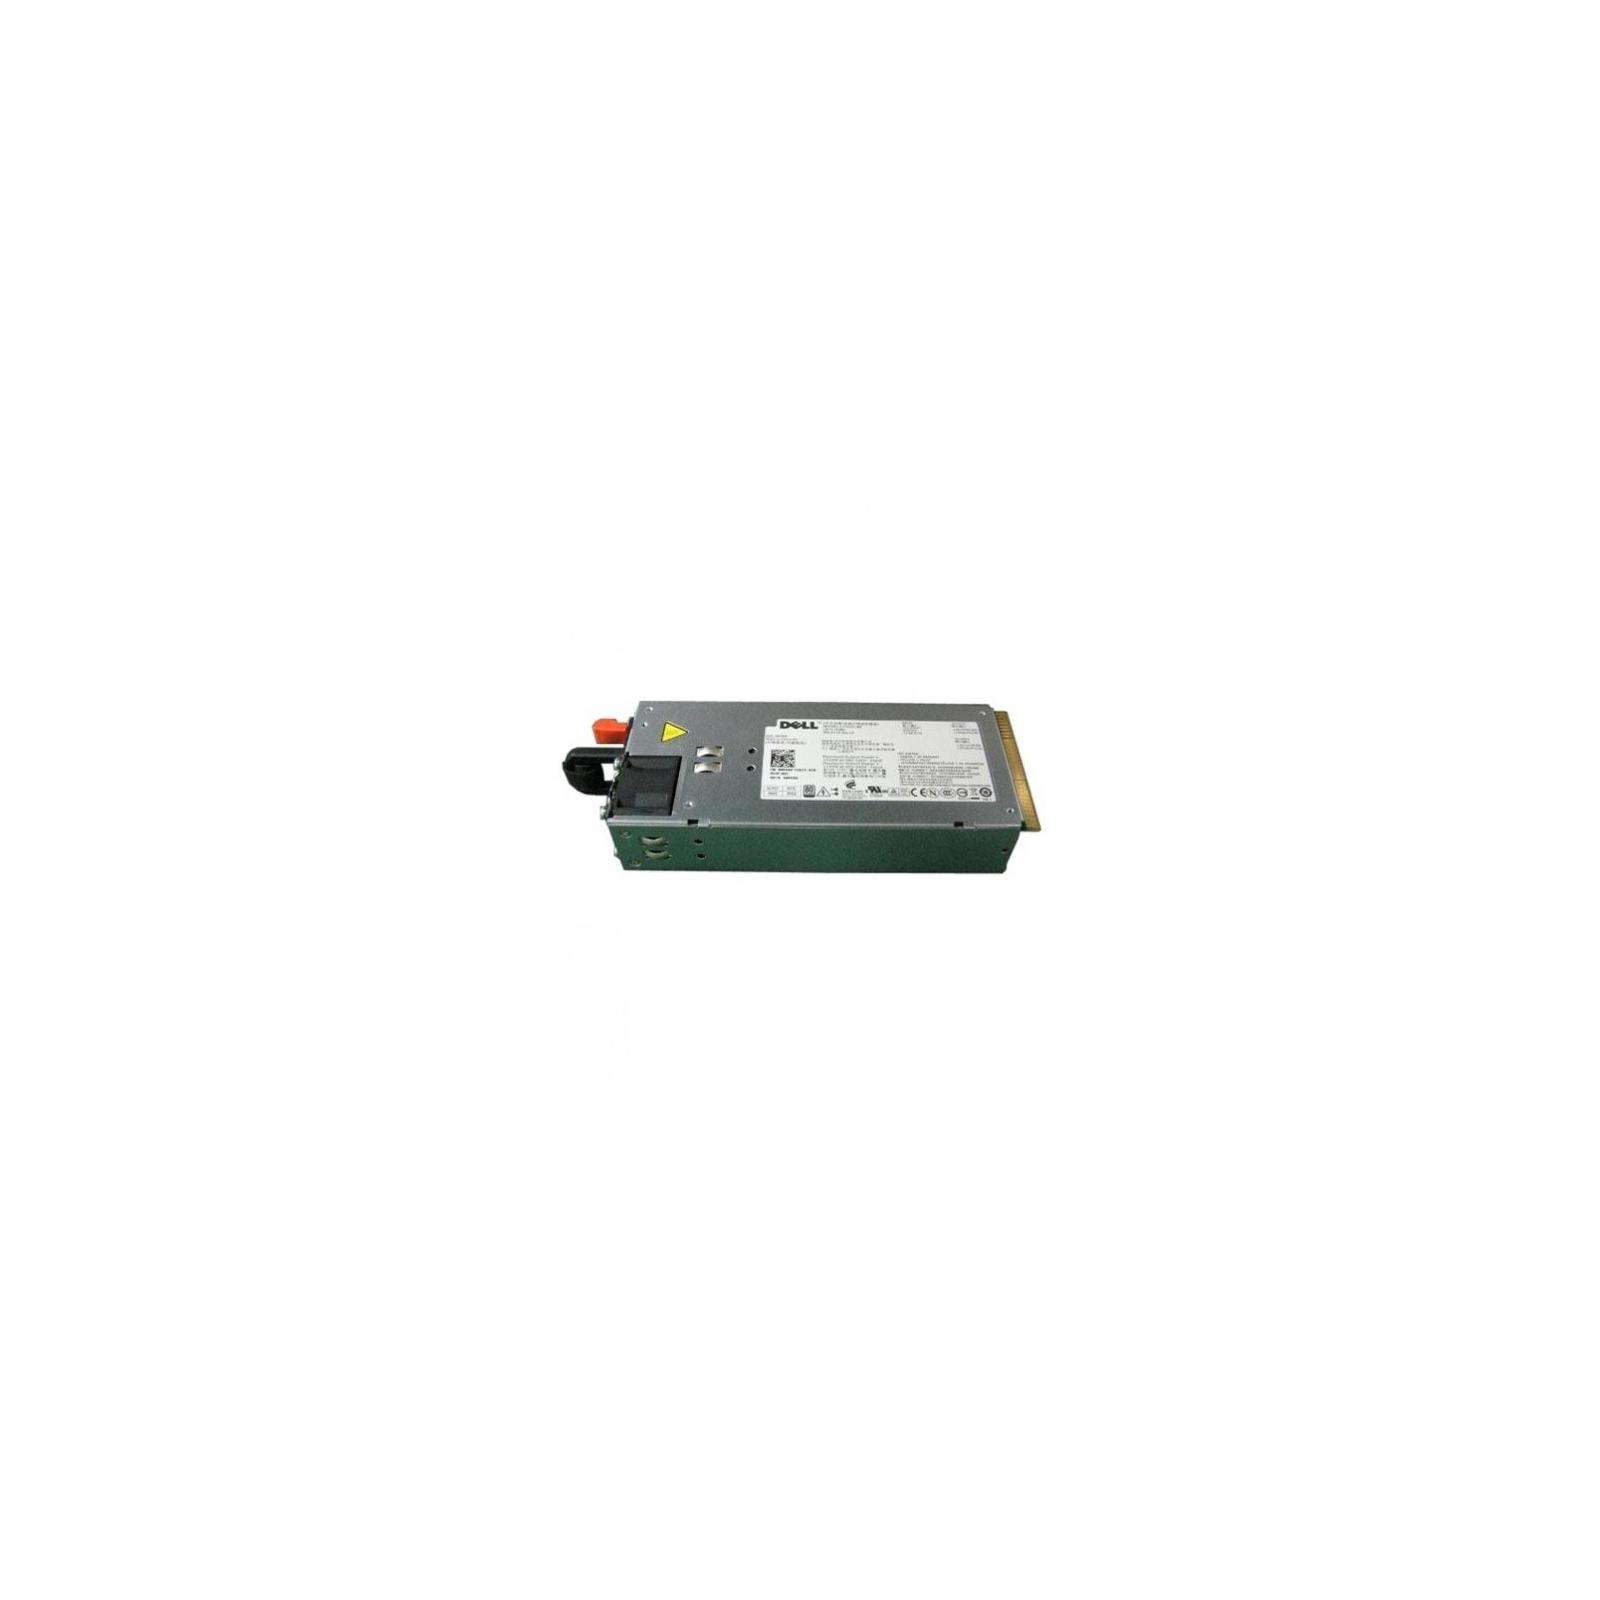 Блок питания Dell 750W до R530/R630/R730/R730xd (450-AEBN)